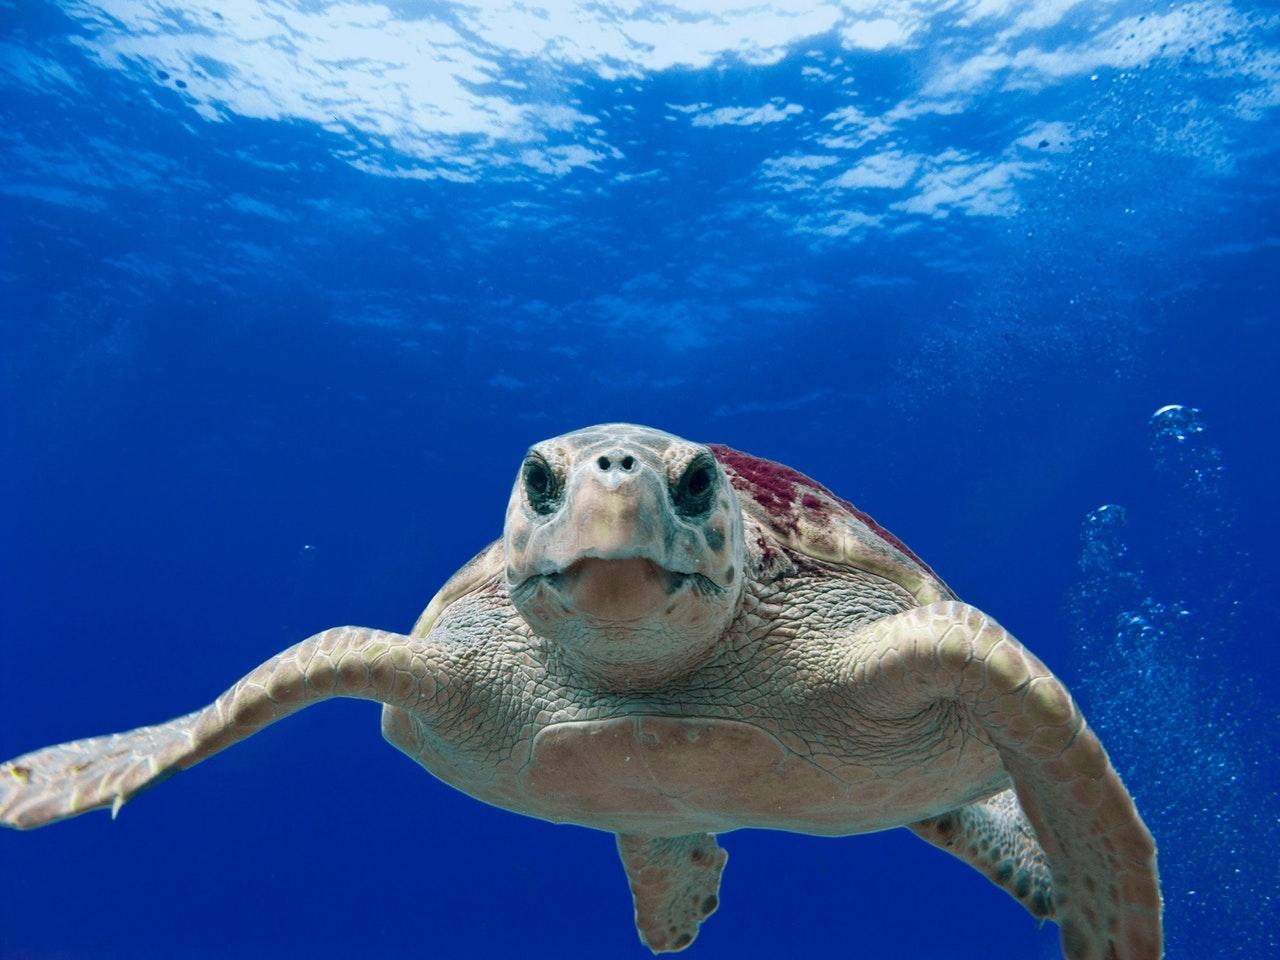 Quase não há diferenças entre machos e fêmeas de tartarugas marinhas.